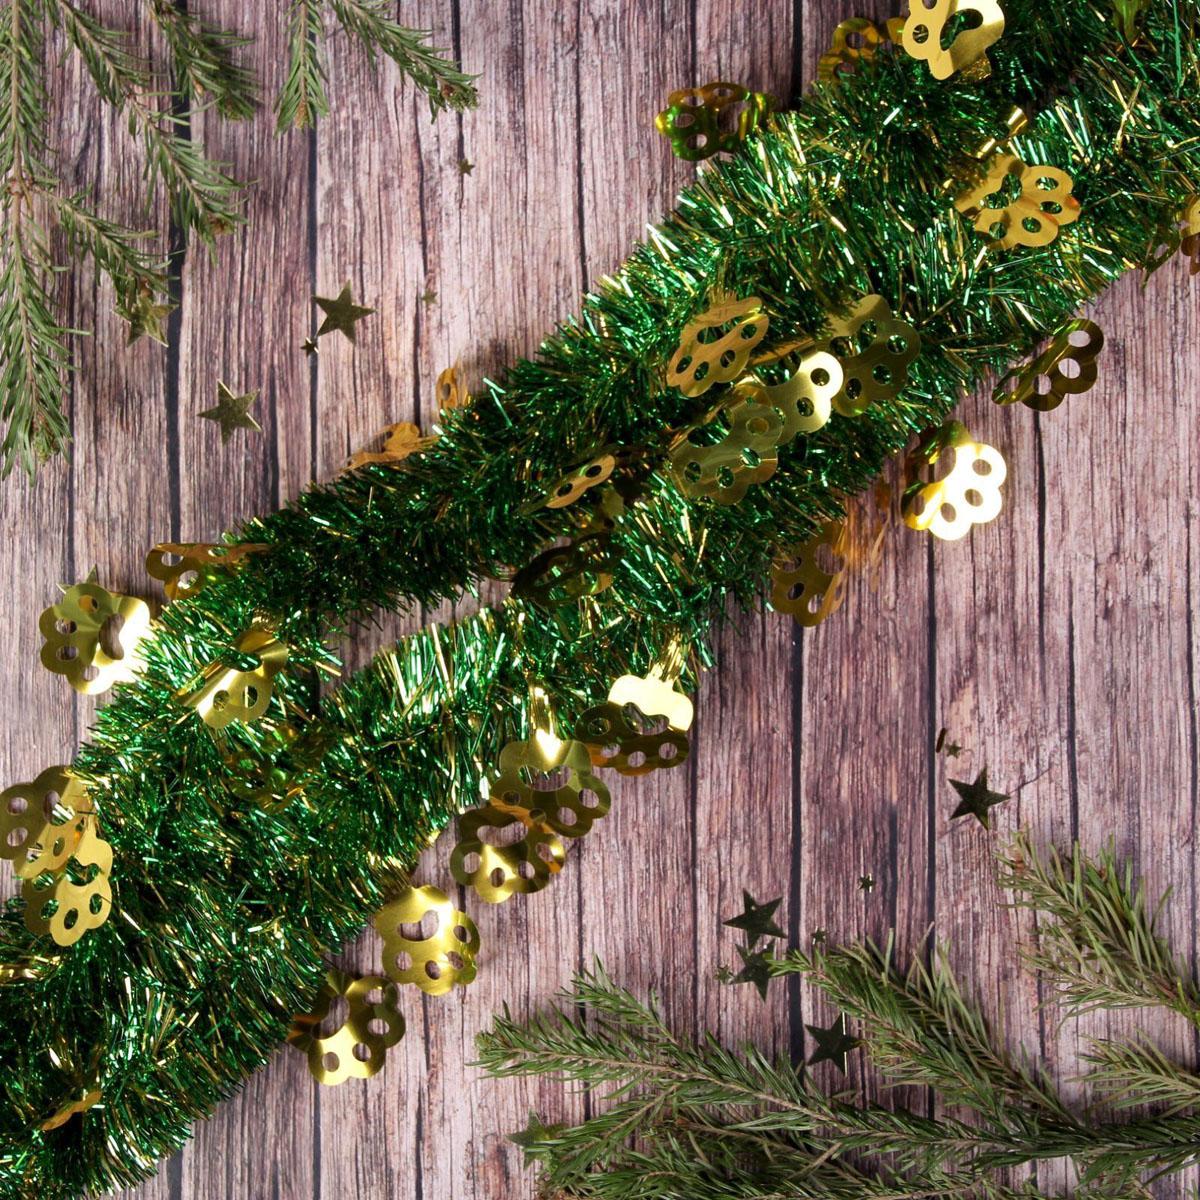 Мишура новогодняя Sima-land Лапка, цвет: зеленый, диаметр 5 см, длина 2 м. 23176462317646Невозможно представить нашу жизнь без праздников! Мы всегда ждем их и предвкушаем, обдумываем, как проведем памятный день, тщательно выбираем подарки и аксессуары, ведь именно они создают и поддерживают торжественный настрой.